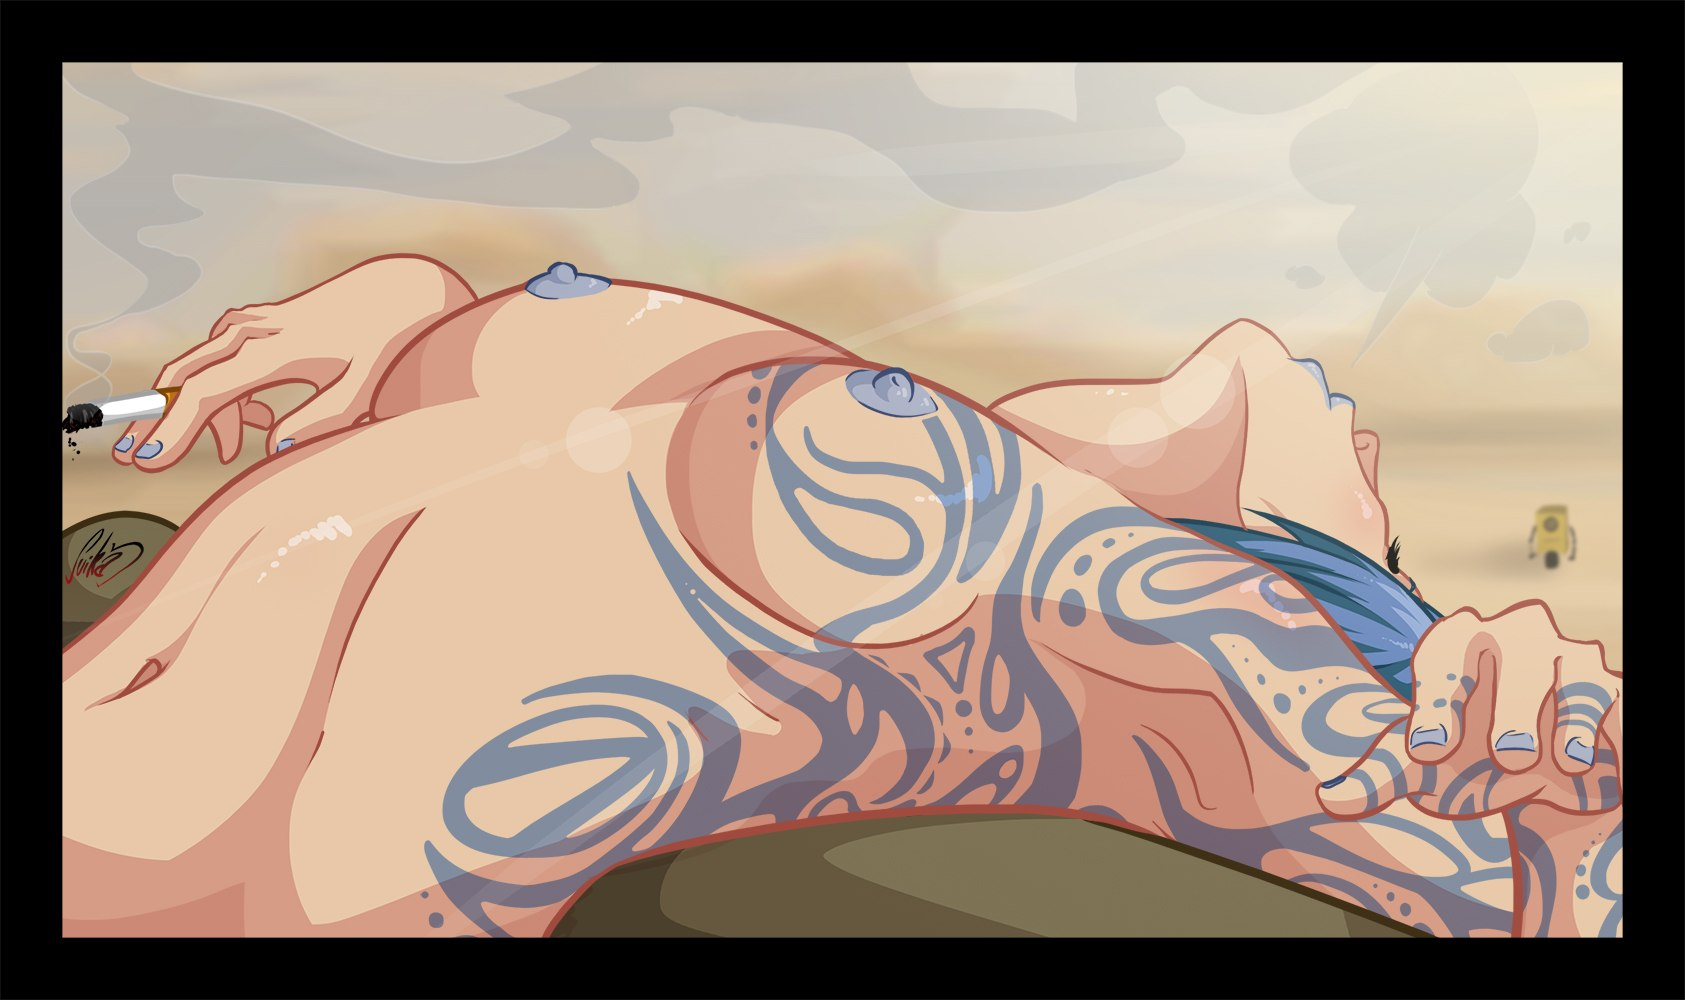 Maya borderlands 2 hentai game hentai galleries